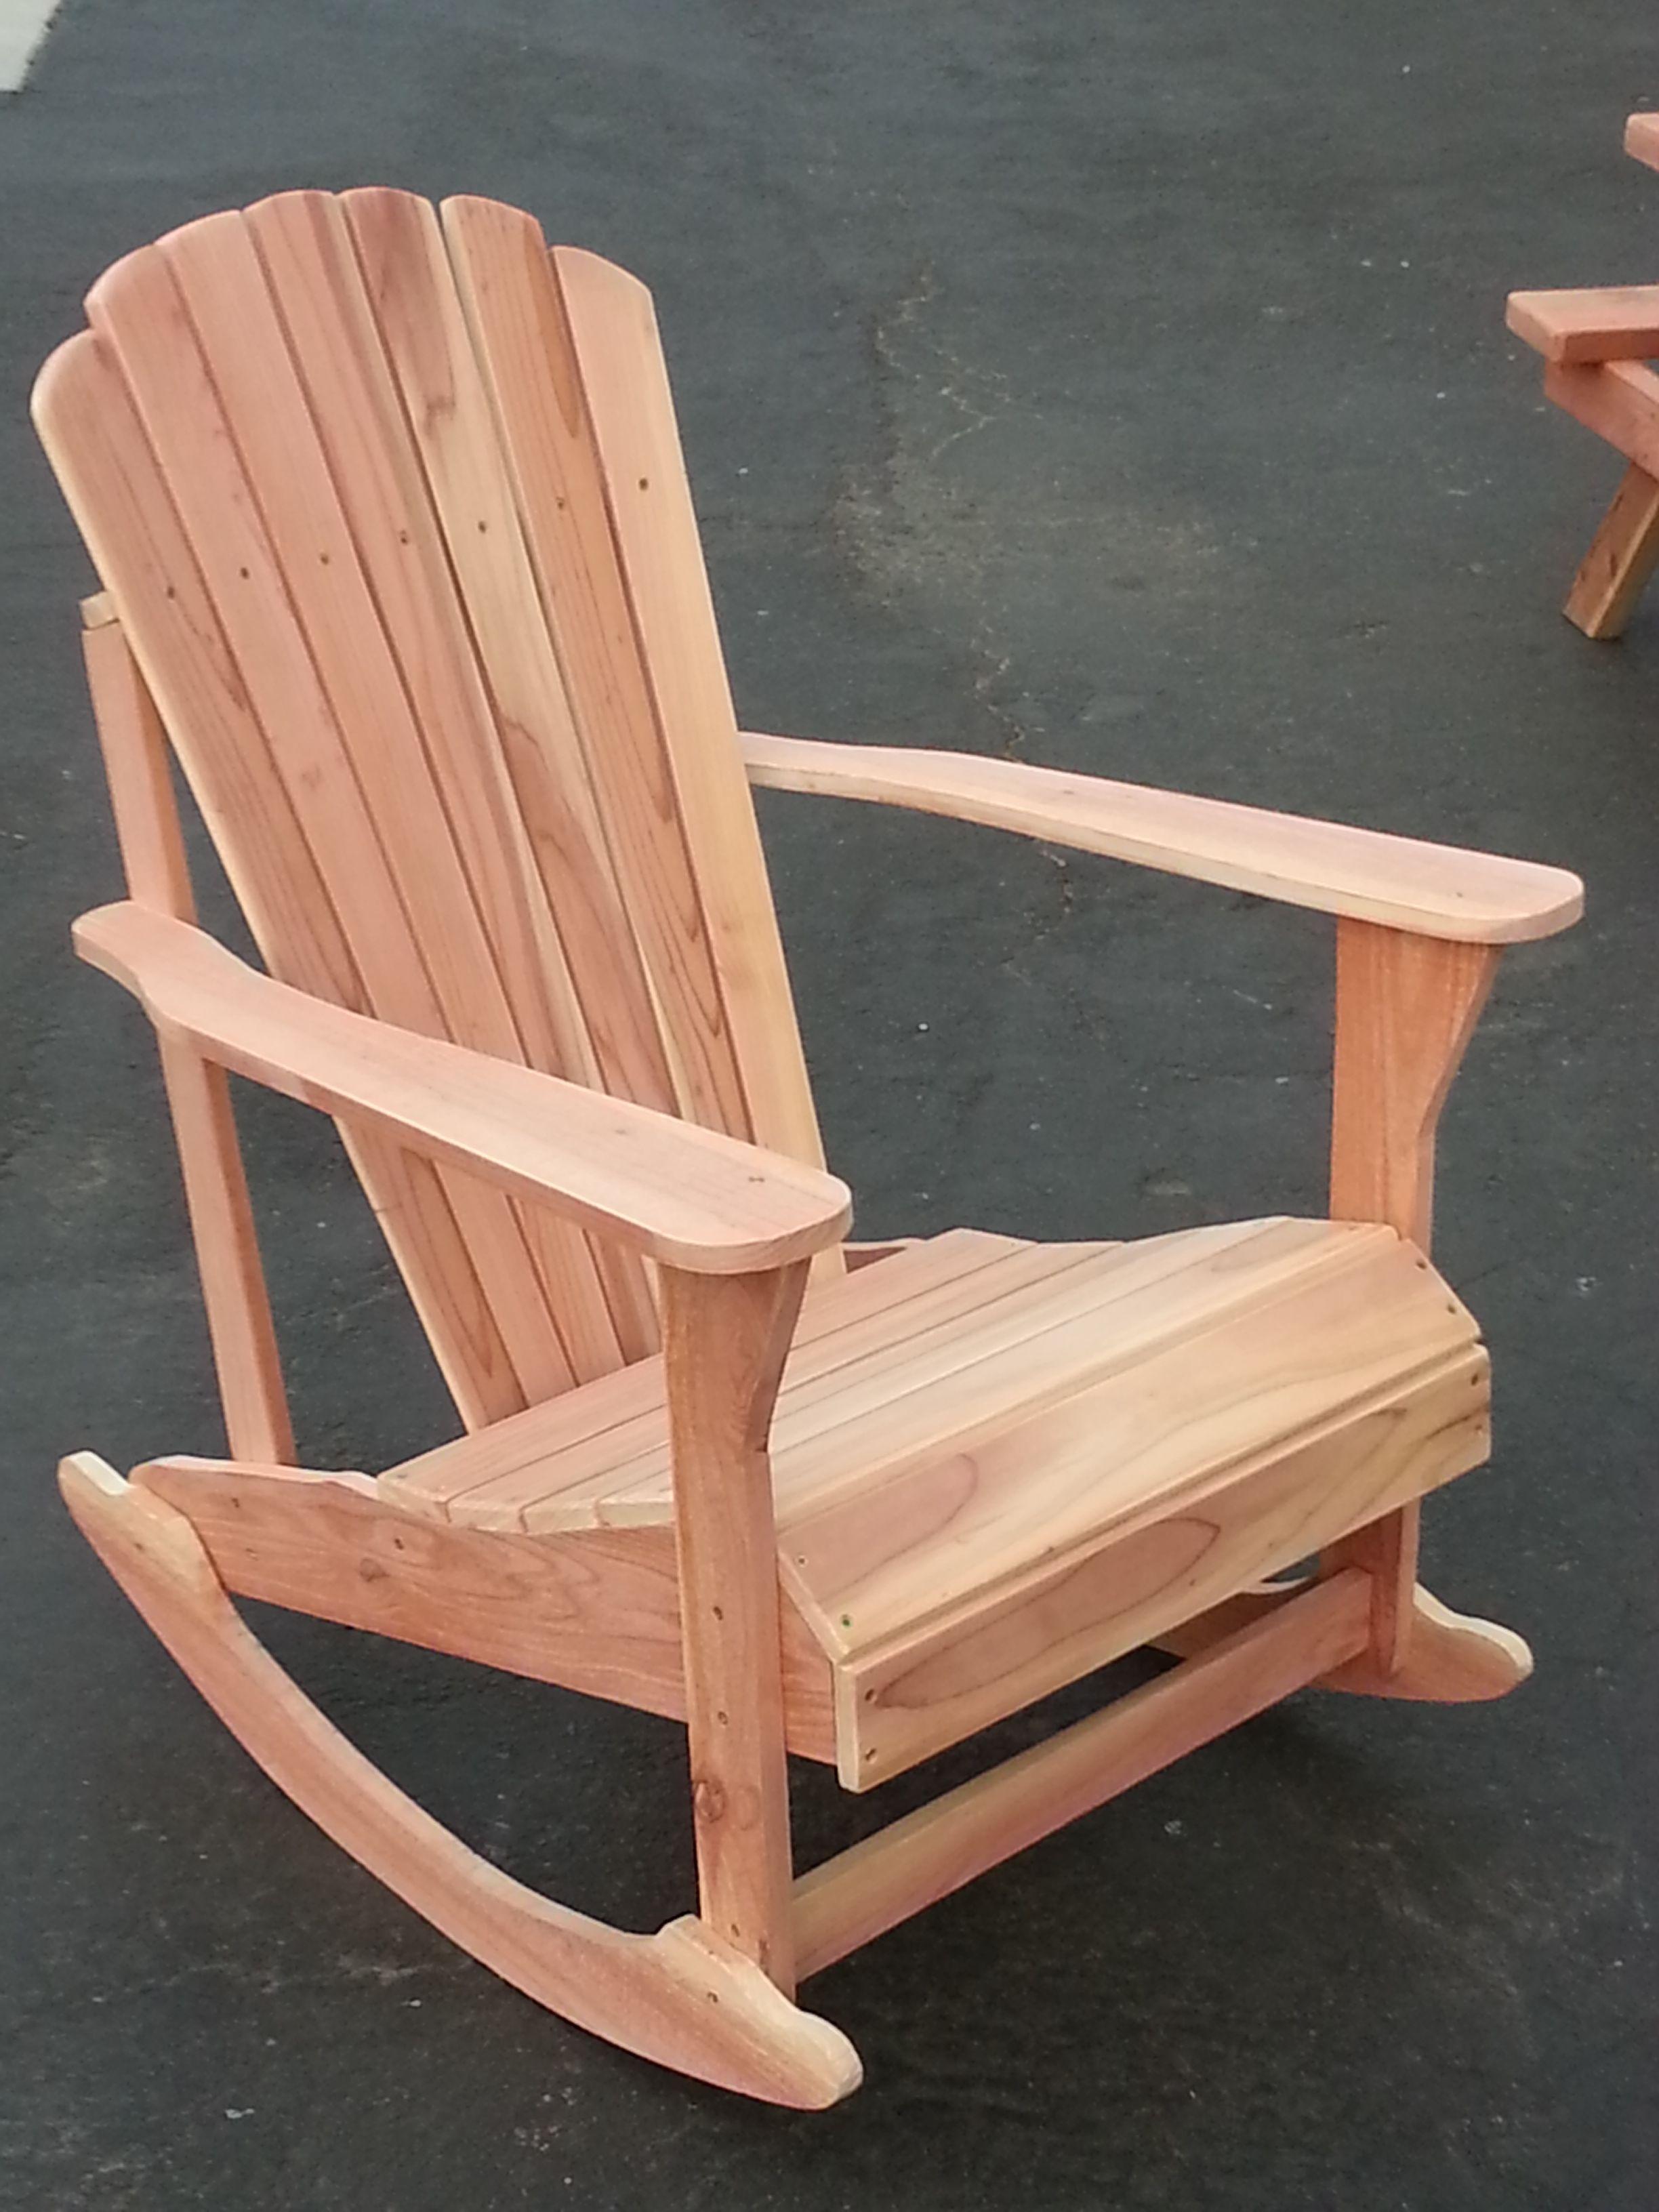 Redwood Patio Furniture Home Depot: Redwood Rocker. Unfinished. $350 Call Steve: 760-333-2410